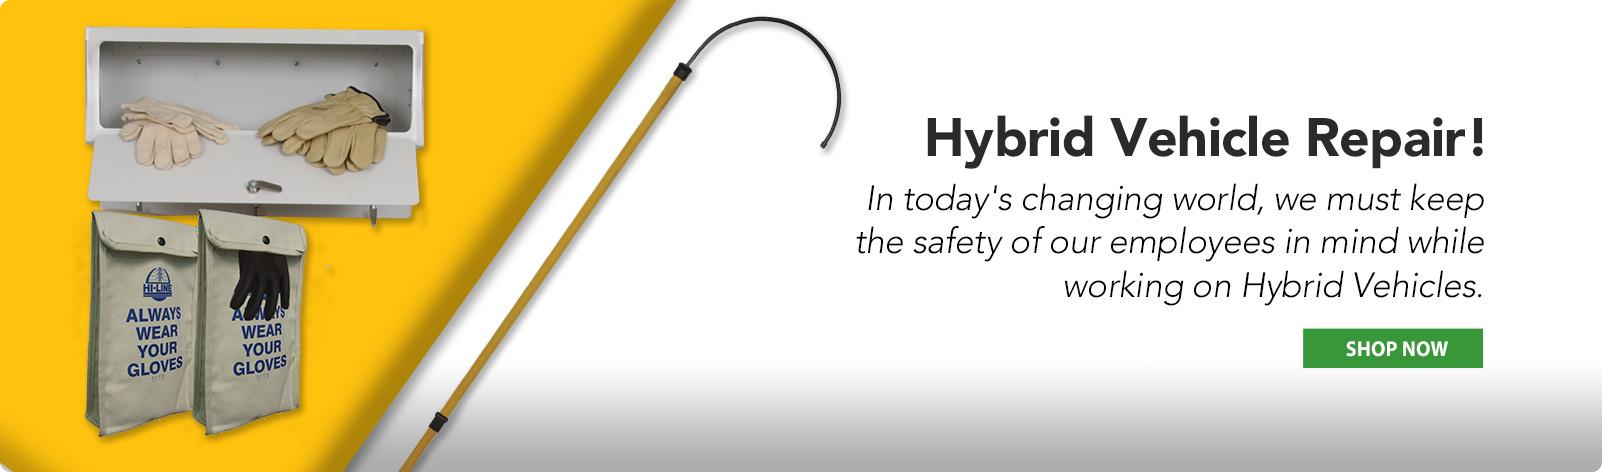 Hybrid Vehicle Repair